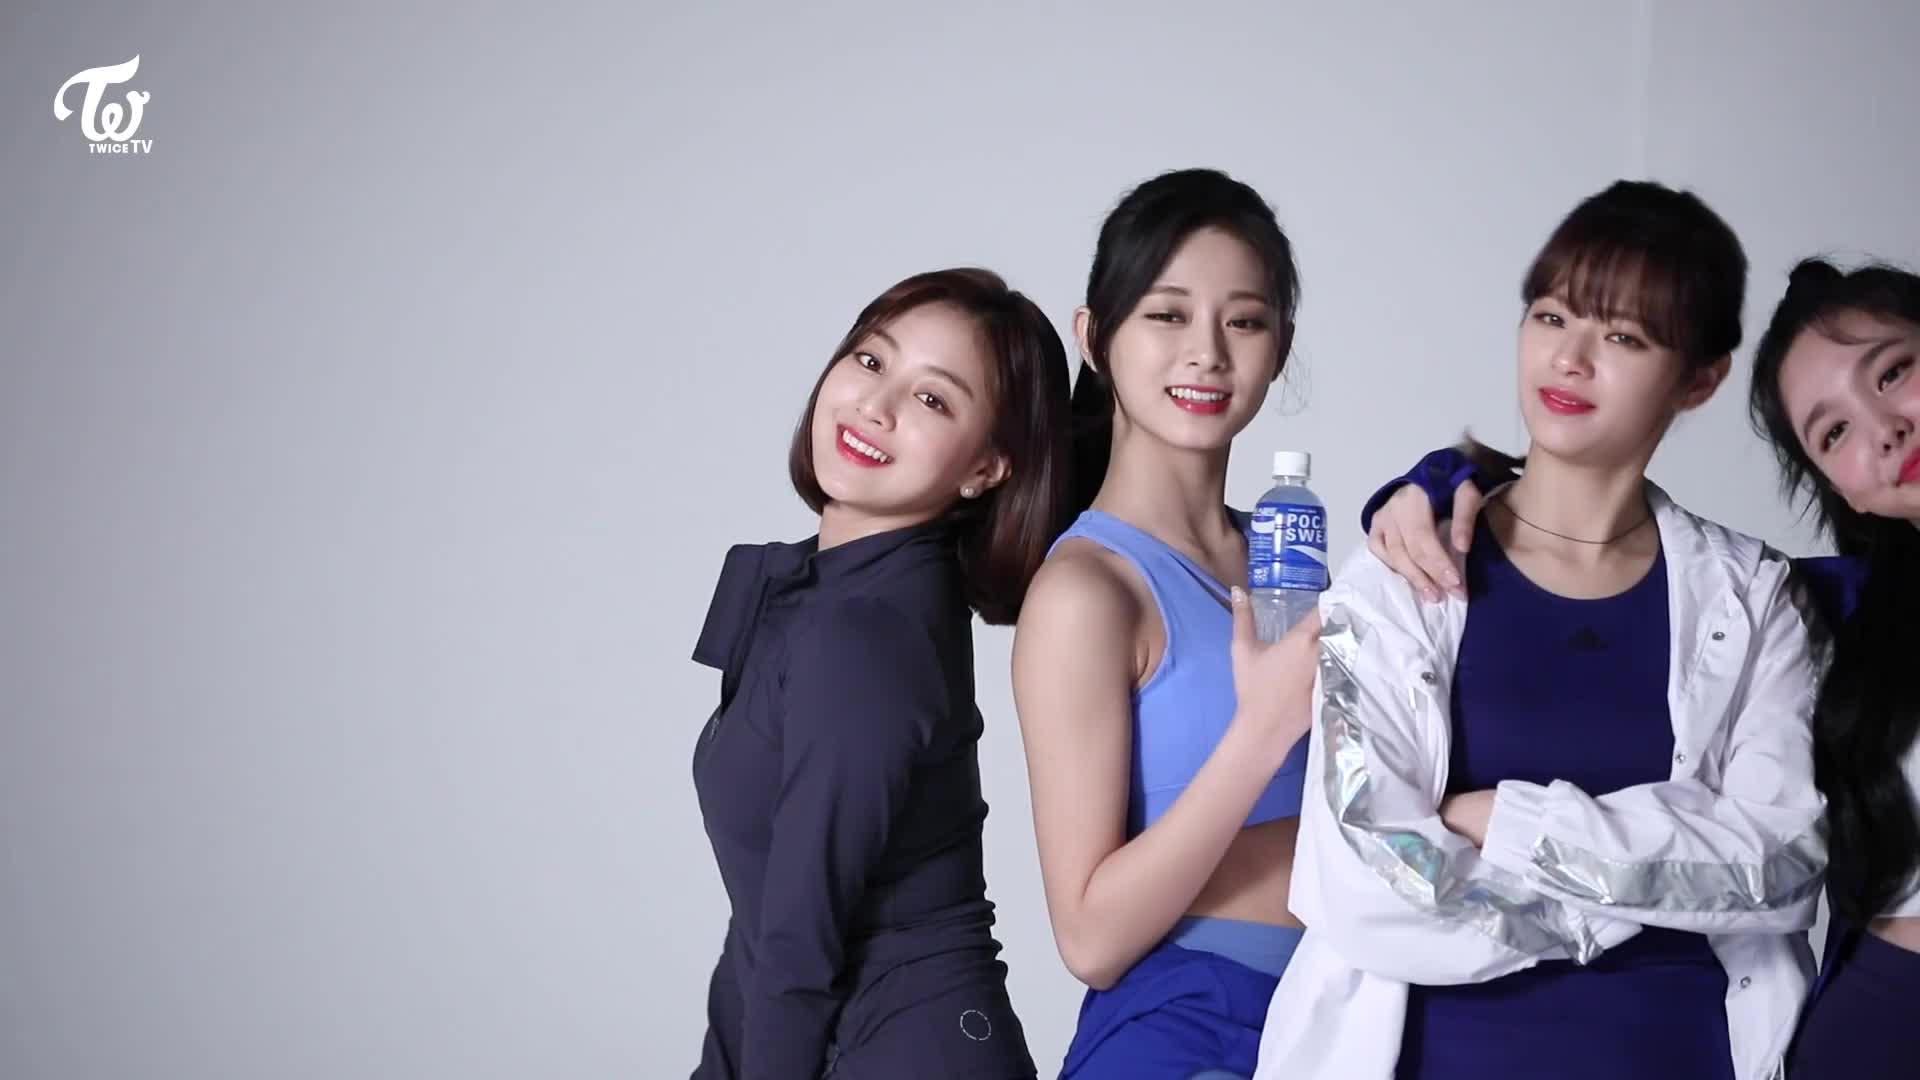 jeongyeon, jihyo, kpop, nayeon, twice, tzuyu, Twice GIFs